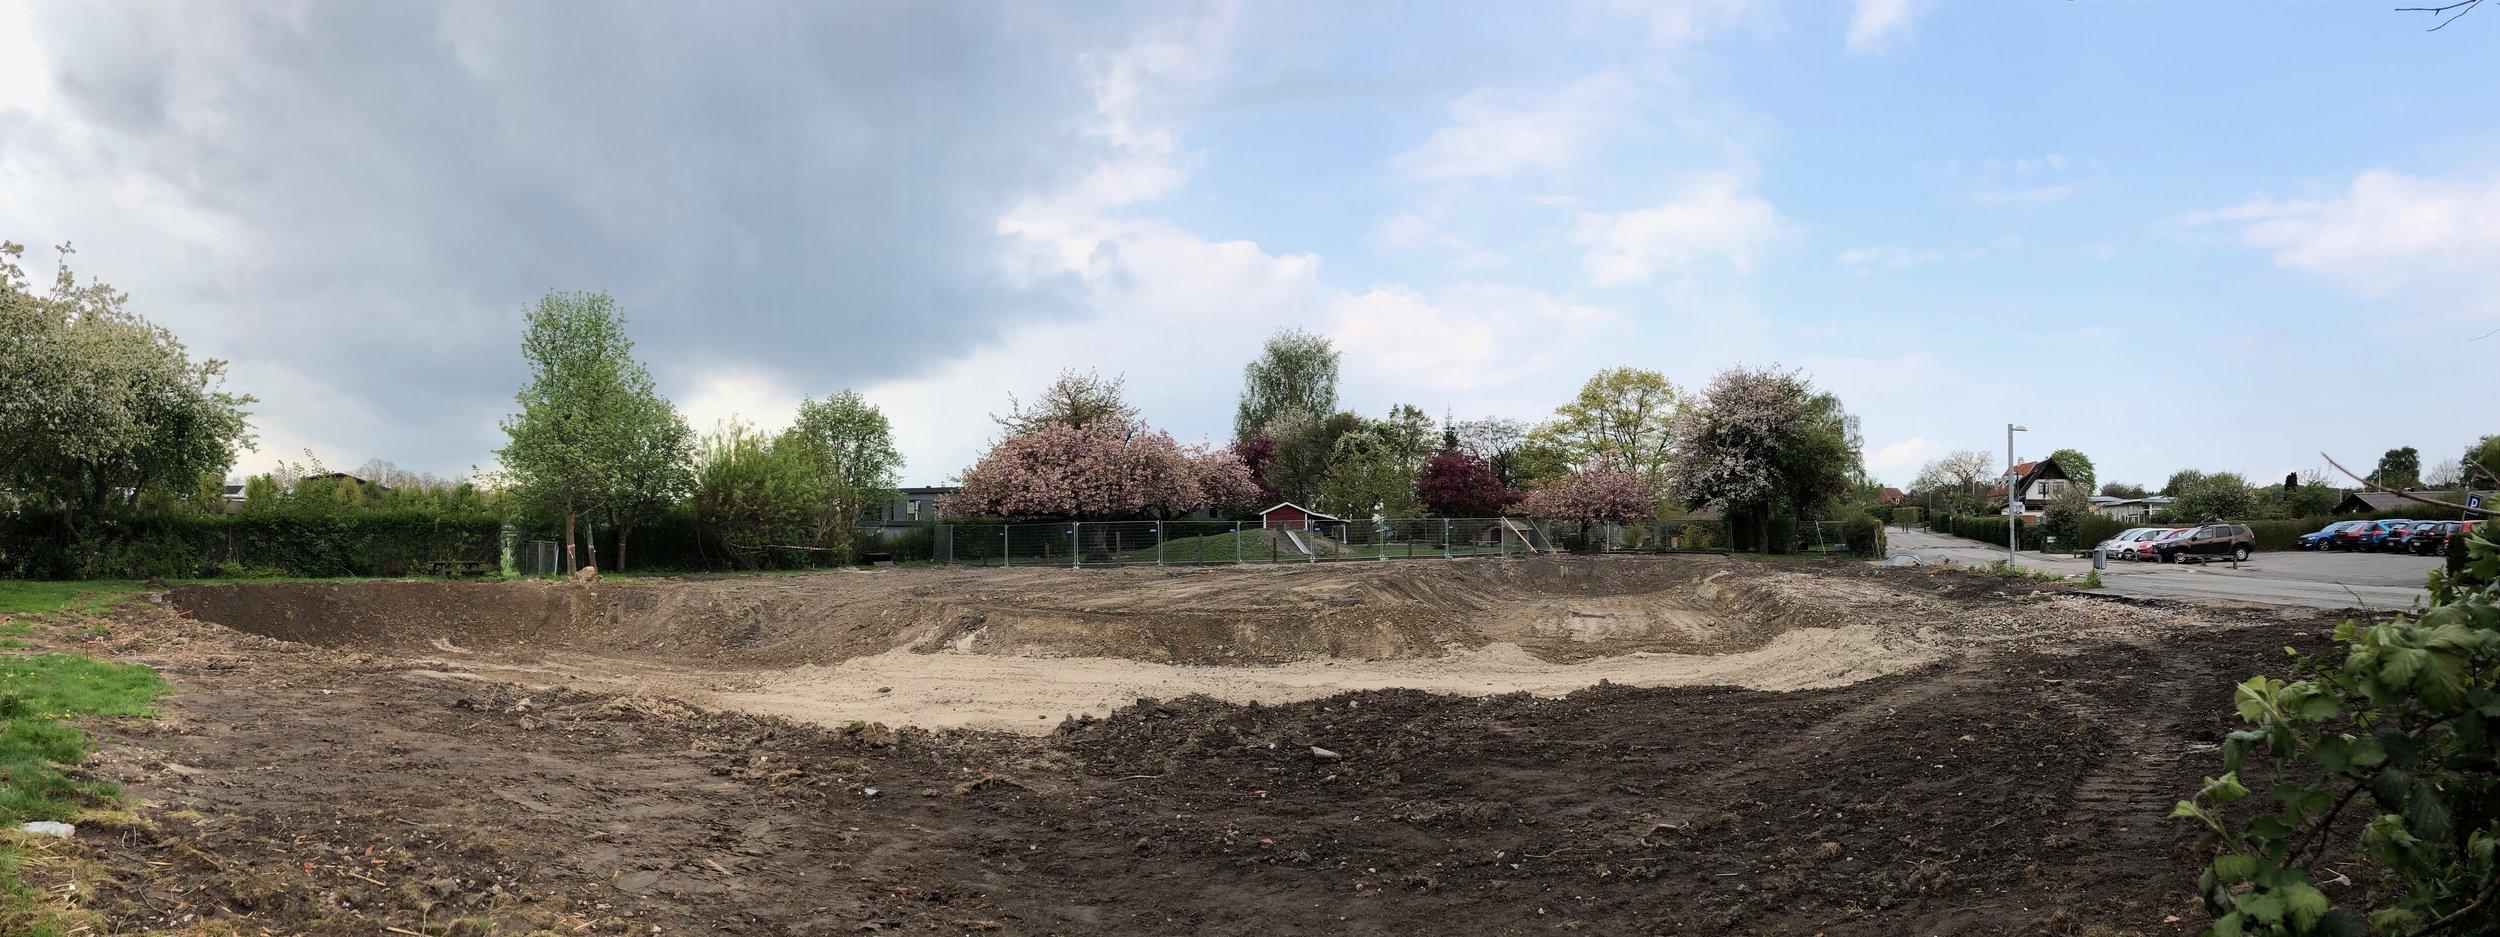 Den gamle institution er allerede revet ned, og der er nu klar til det nye børnehus Bøgelunden. Det forventes, at arbejdet på selve grunden starter op lige efter sommerferien og afsluttes medio 2020. Foto: AOB